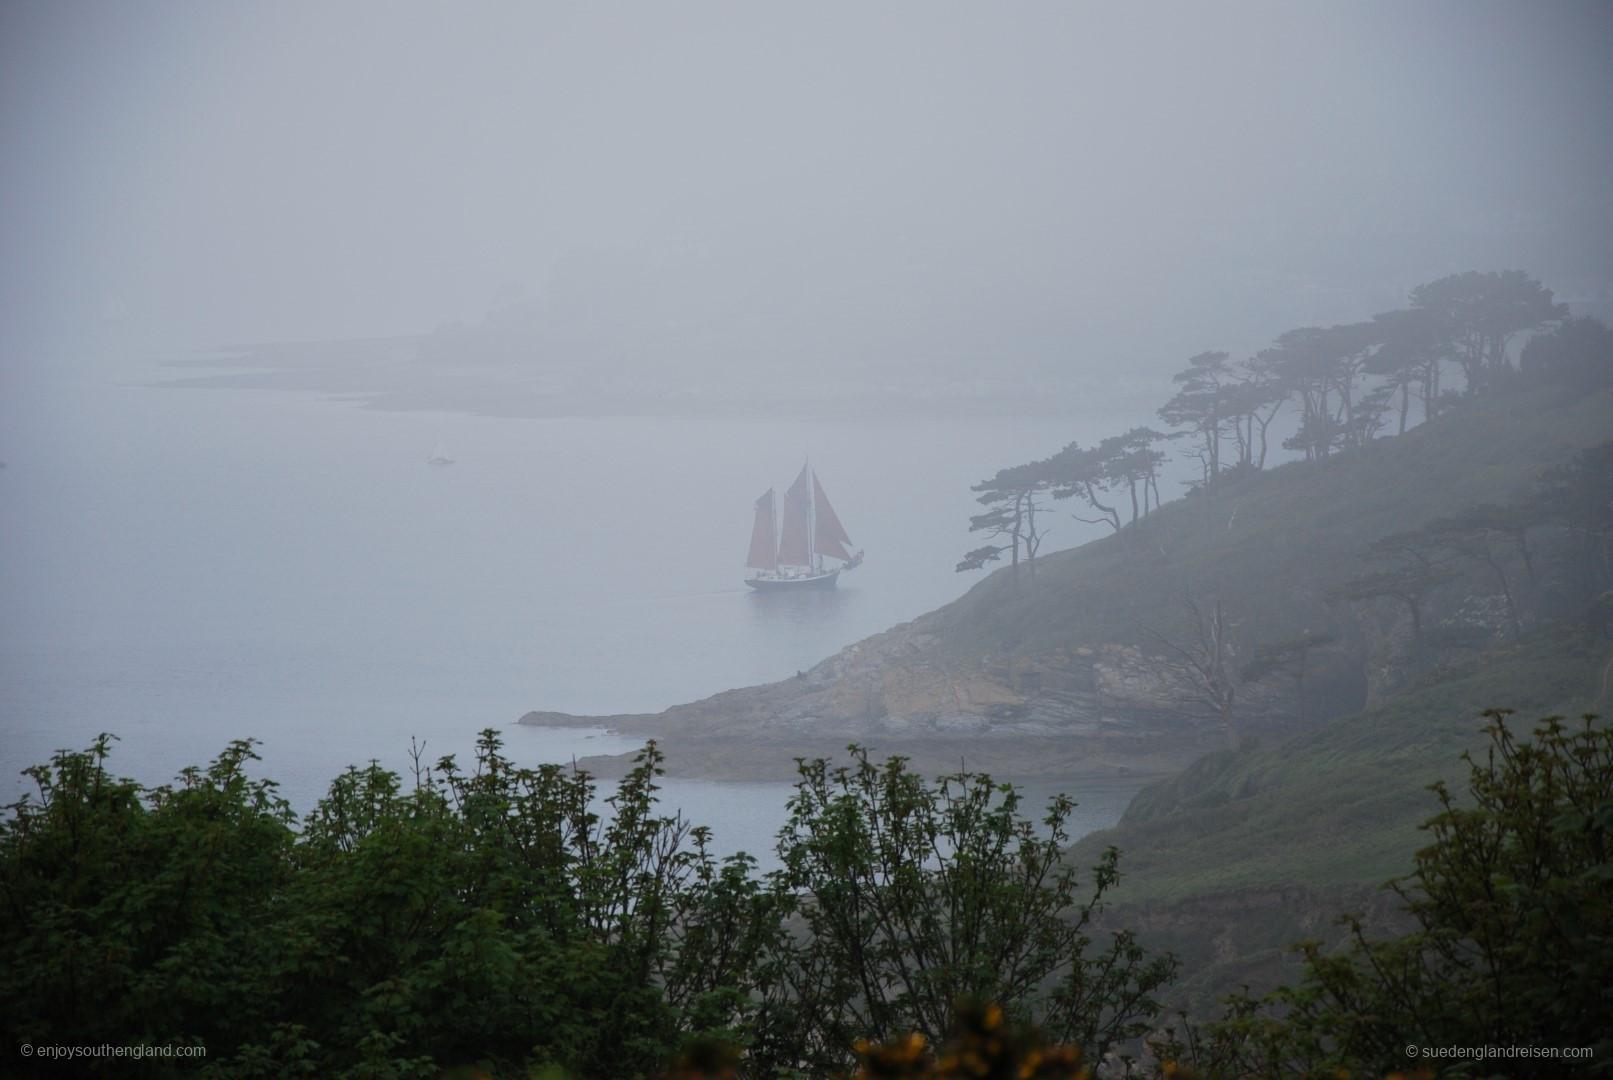 Keine Fata Morgana und auch kein Zeitsprung: Altes Segelschiff vor der Küste der Roseland Peninsula im Nebel